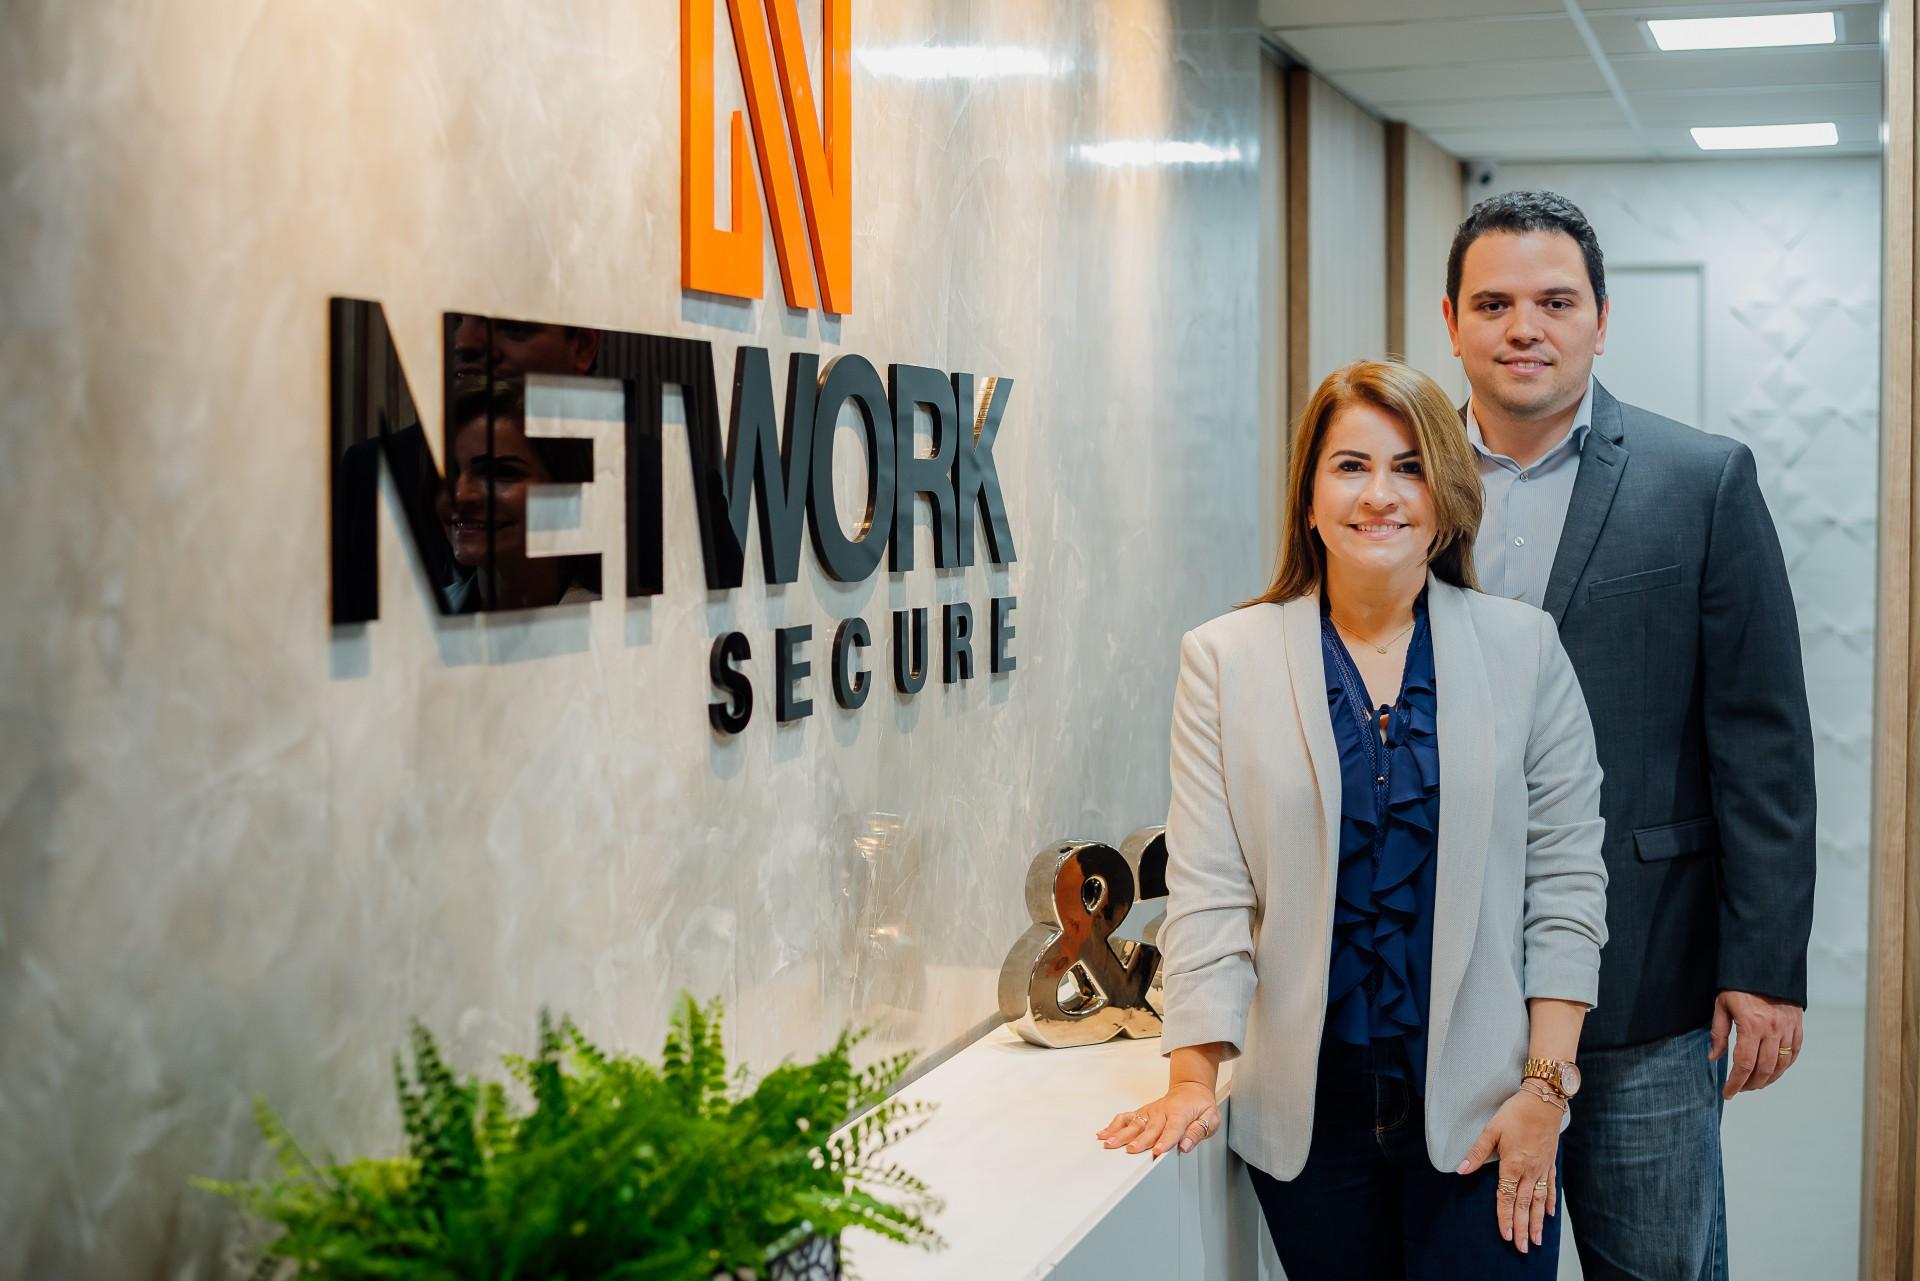 Andrea Cirino, diretora executiva, e Yure Sabino, diretor comercial da Network Secure